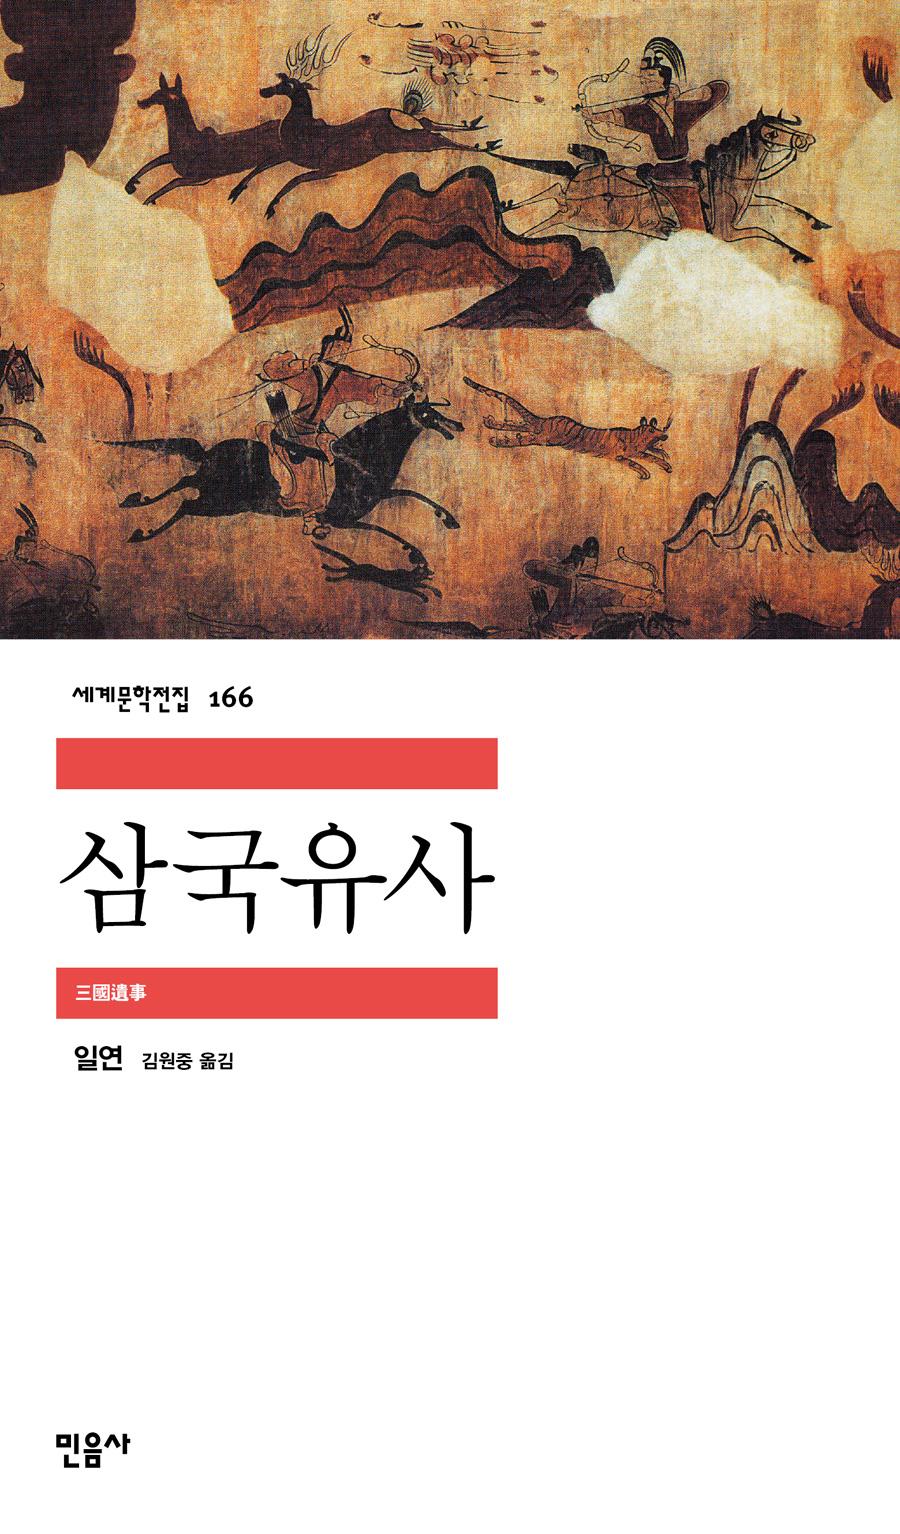 [고전읽기-062] 삼국유사 (일연) 민음사 세계문학 166